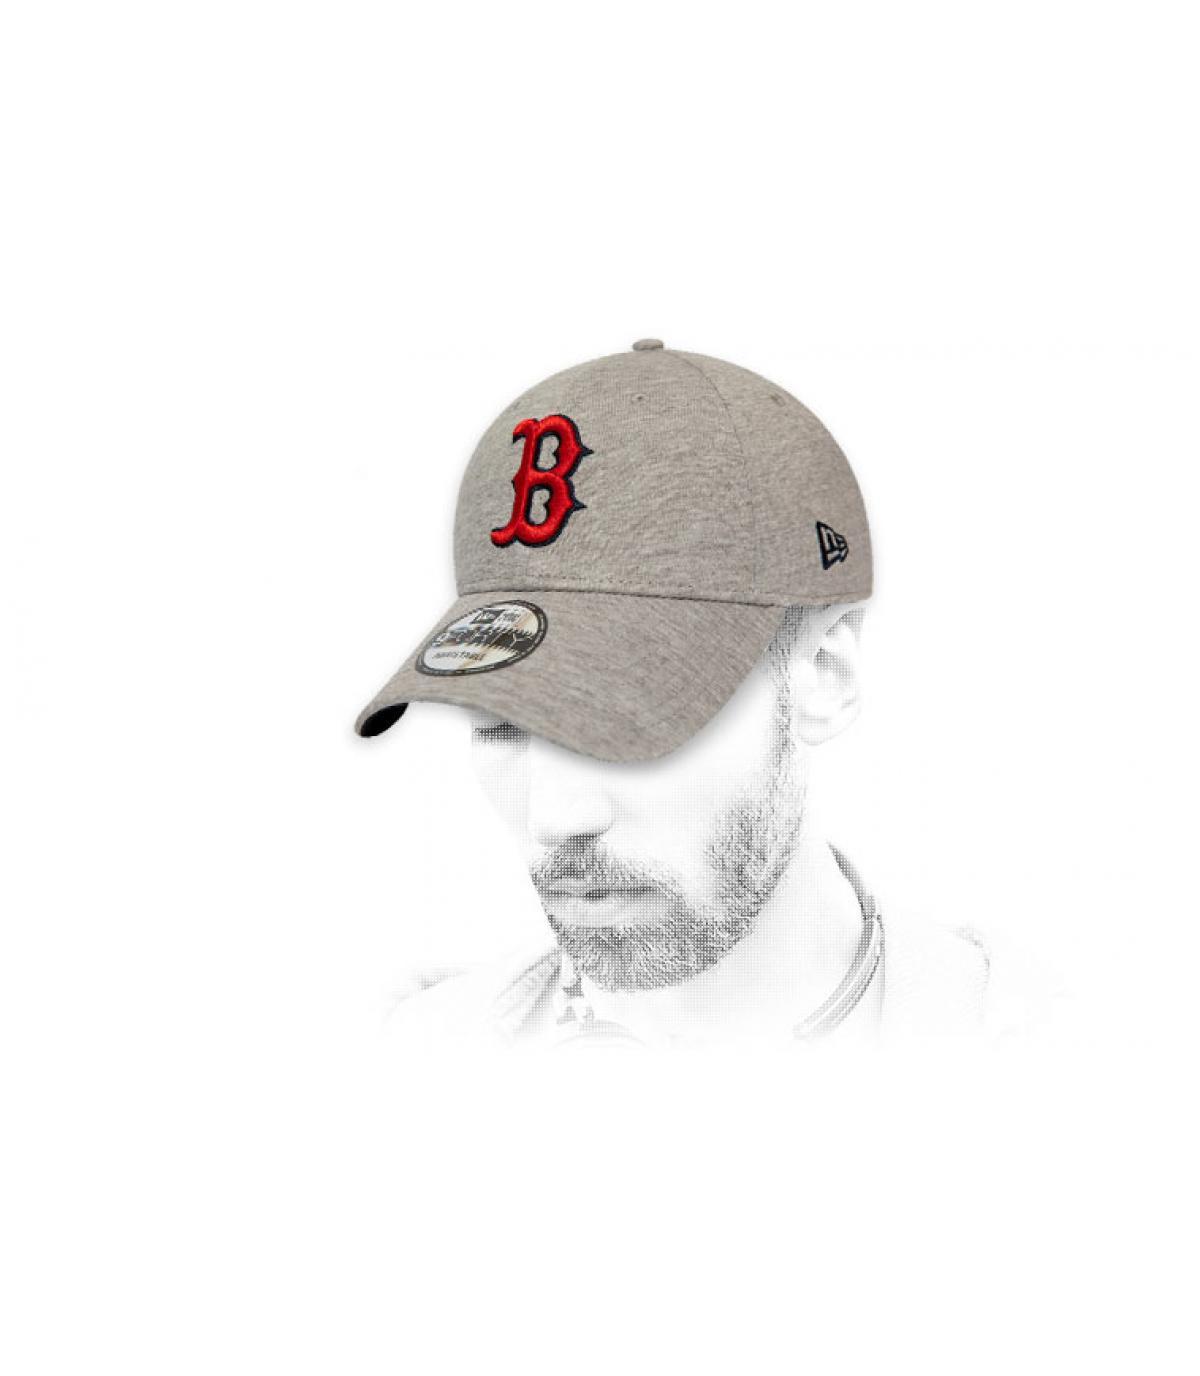 casquette B gris rouge